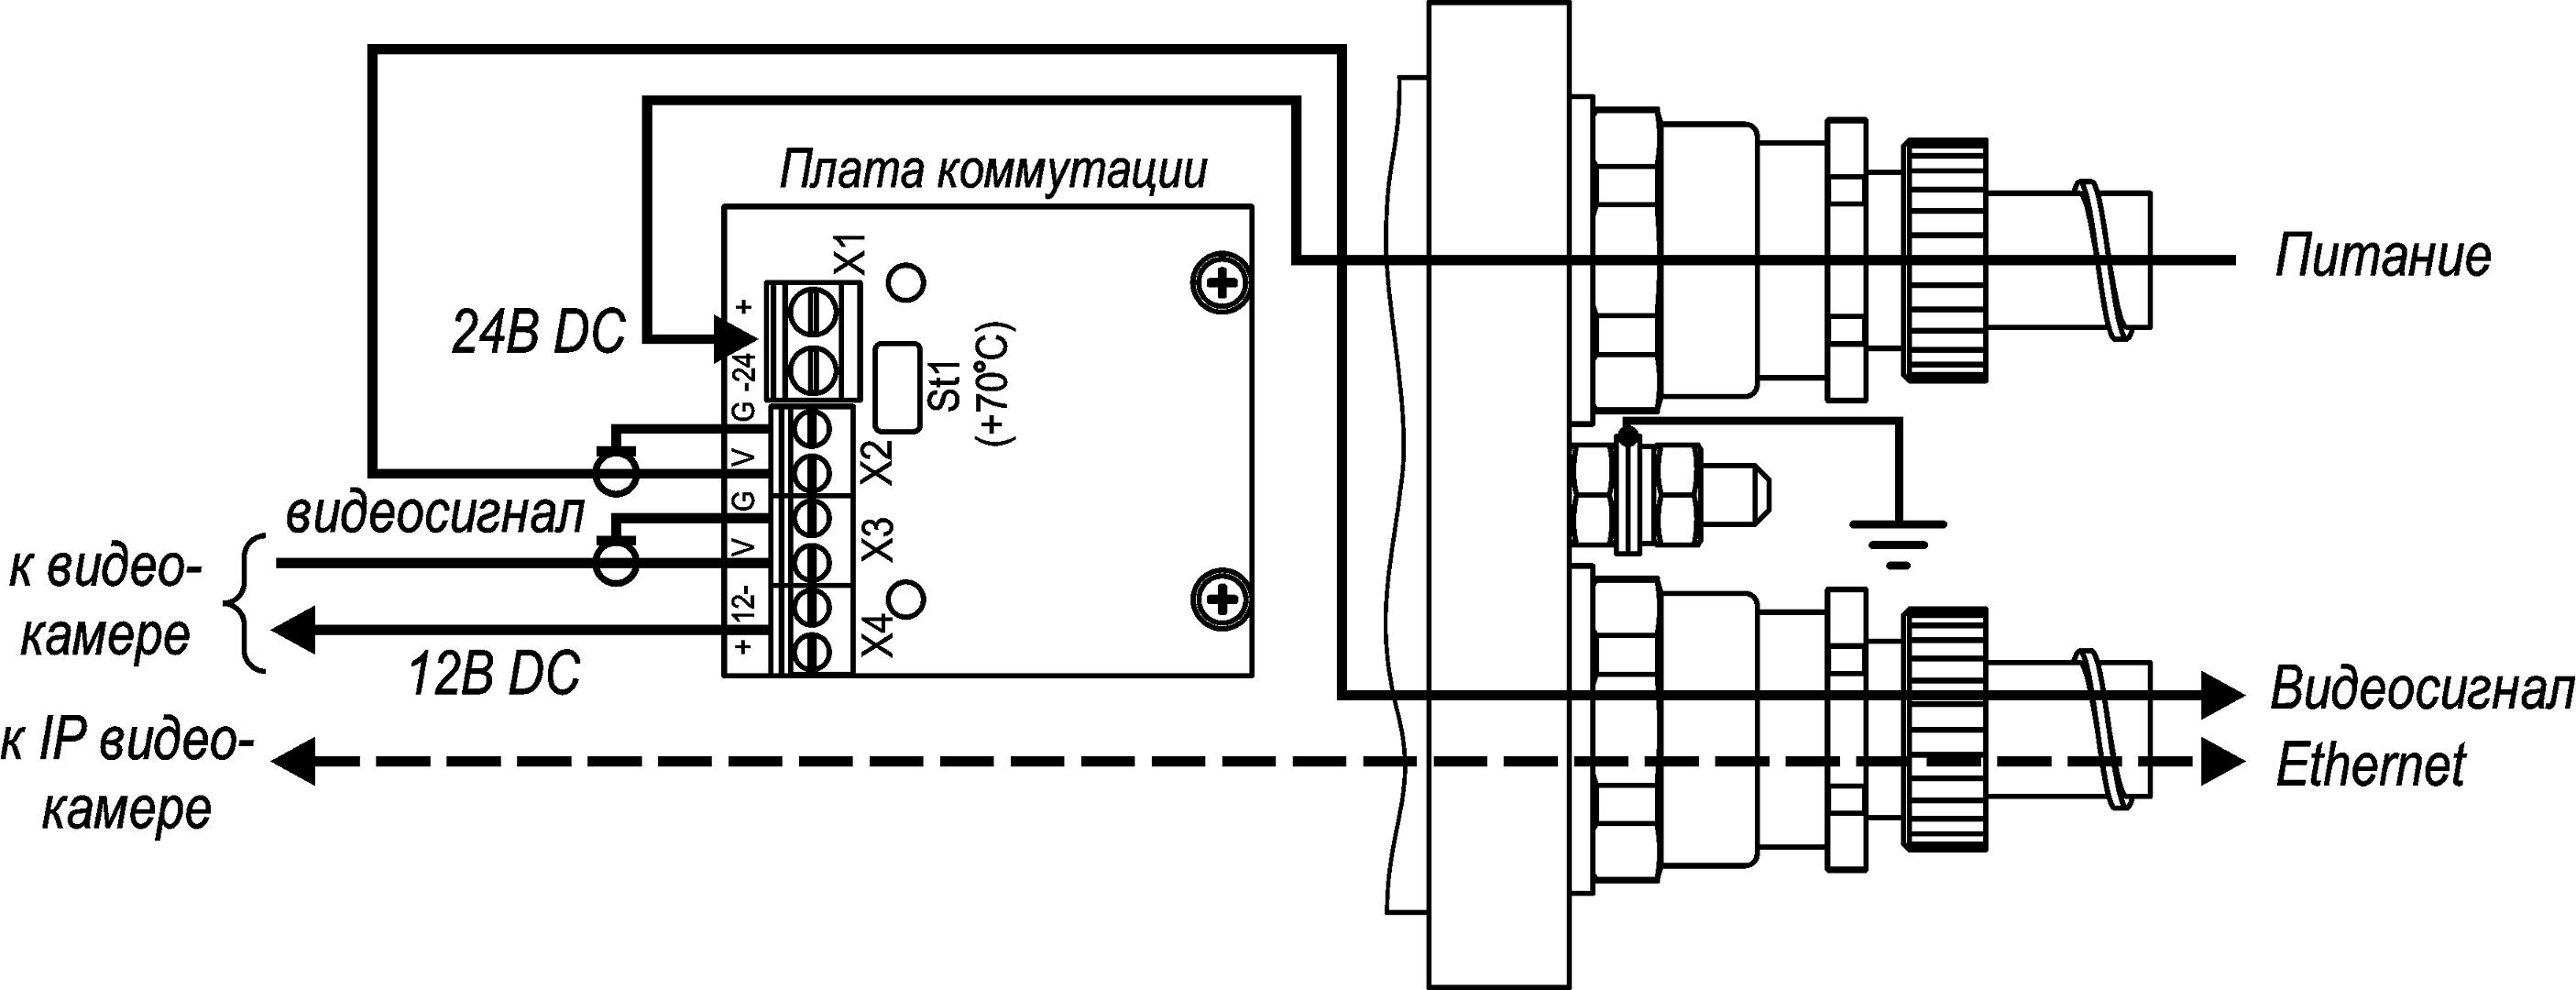 Термокожух взрывозащищенный (1Ex db IIC T6 Gb X / Ex tb IIIC T80°C Db X) <br>ТГБ-4М Ex IIC-24/12 23